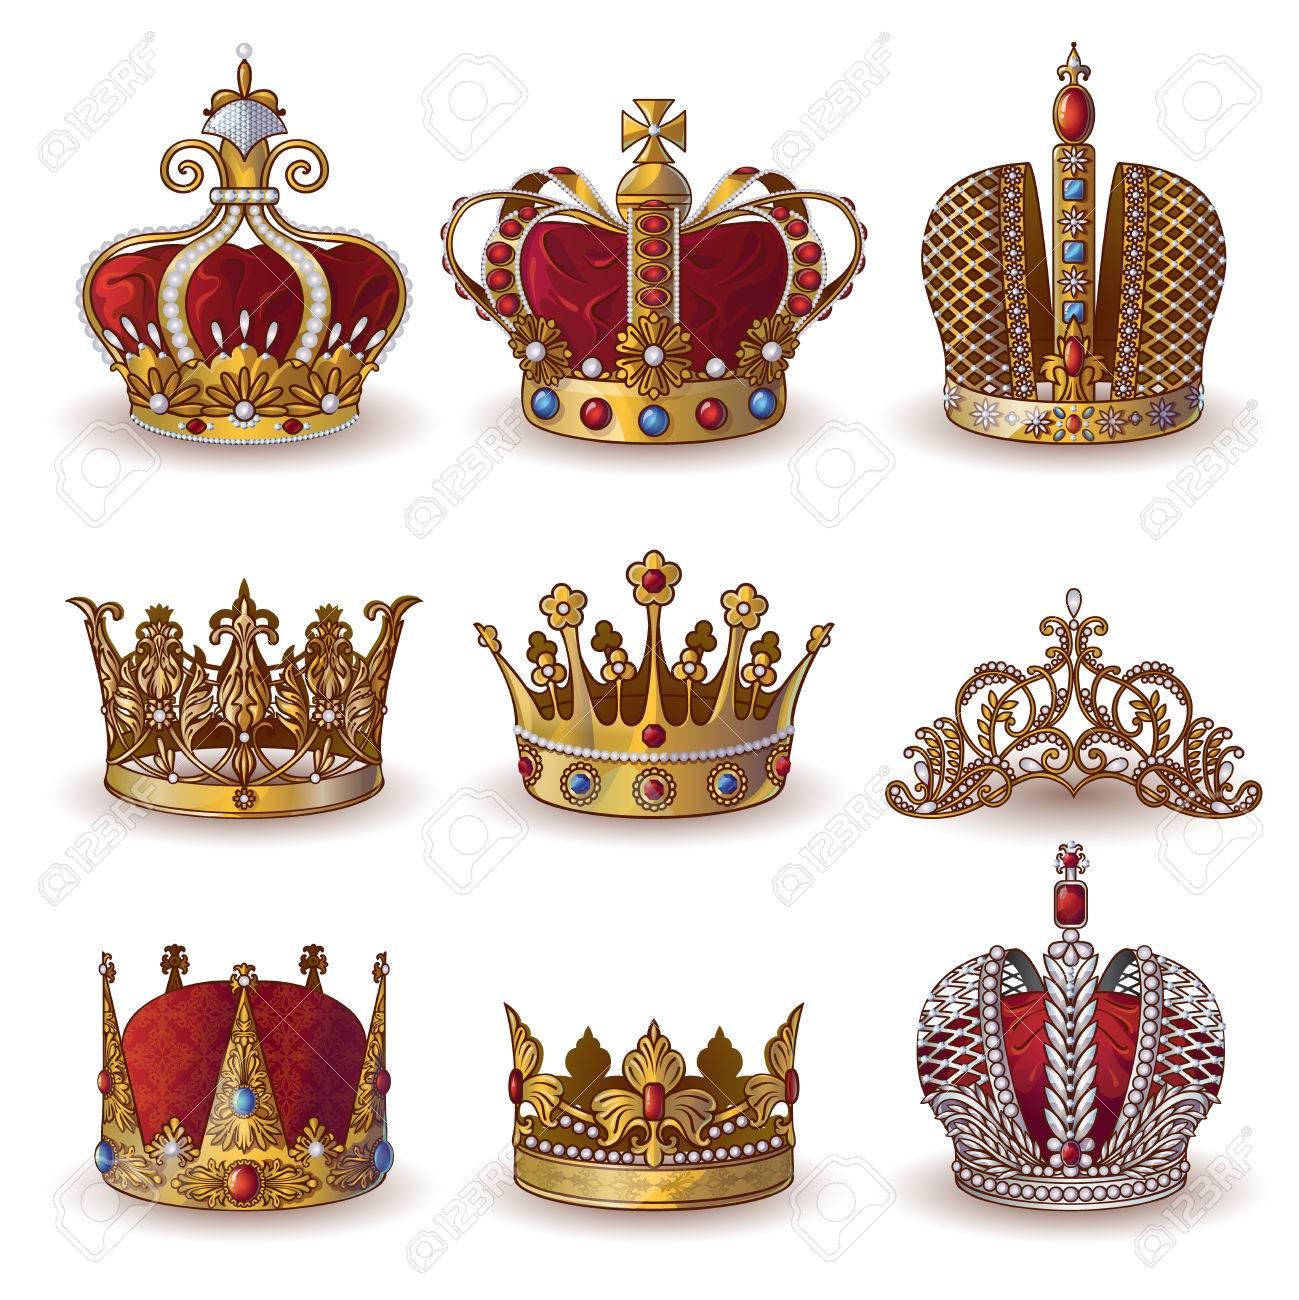 Real Coronas Colección De Ilustración Vectorial De Oro Y Joyas De